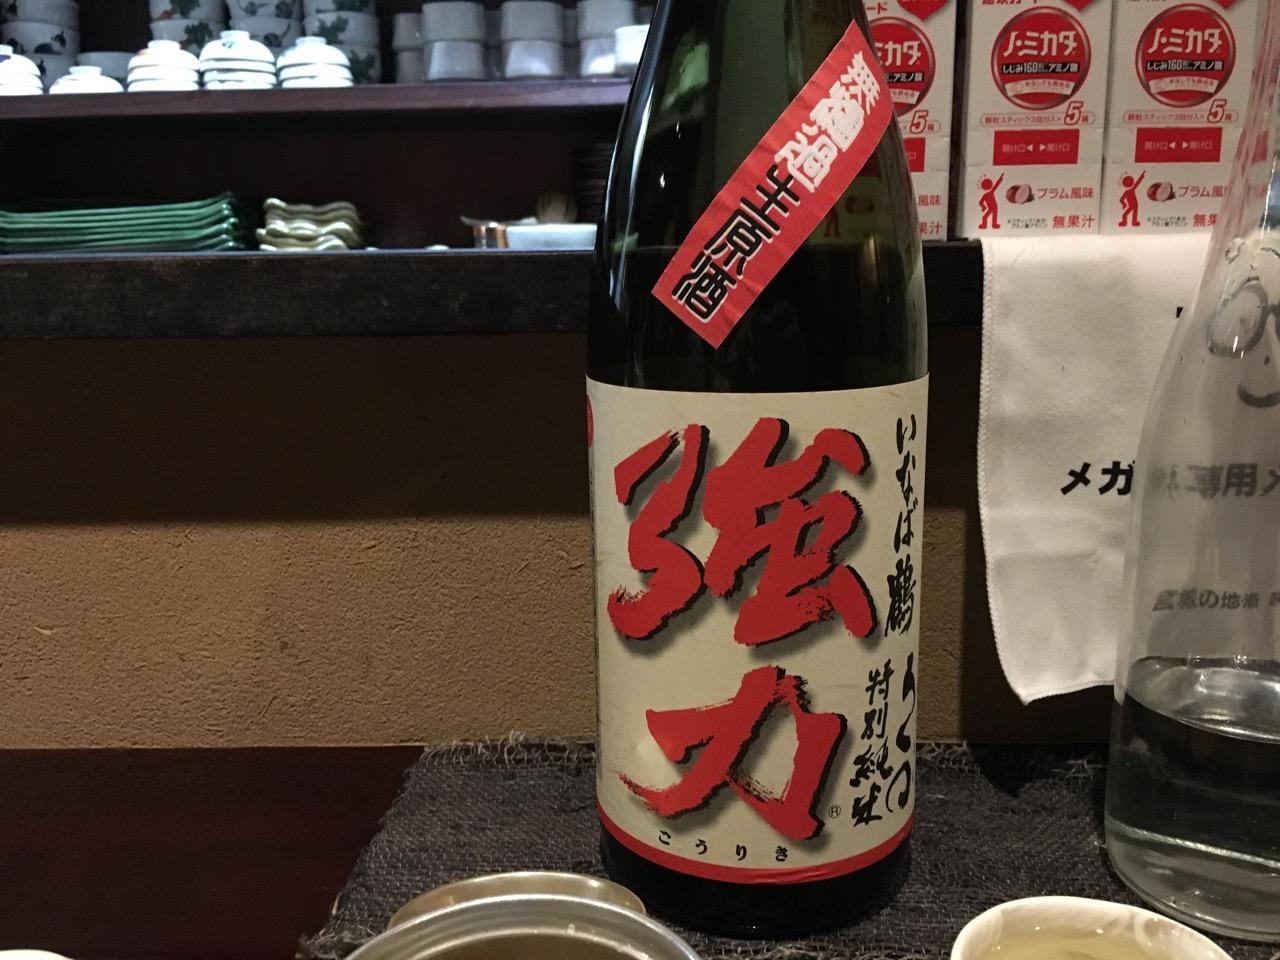 いなば鶴 特別純米 ろくまる強力|日本酒テイスティングノート